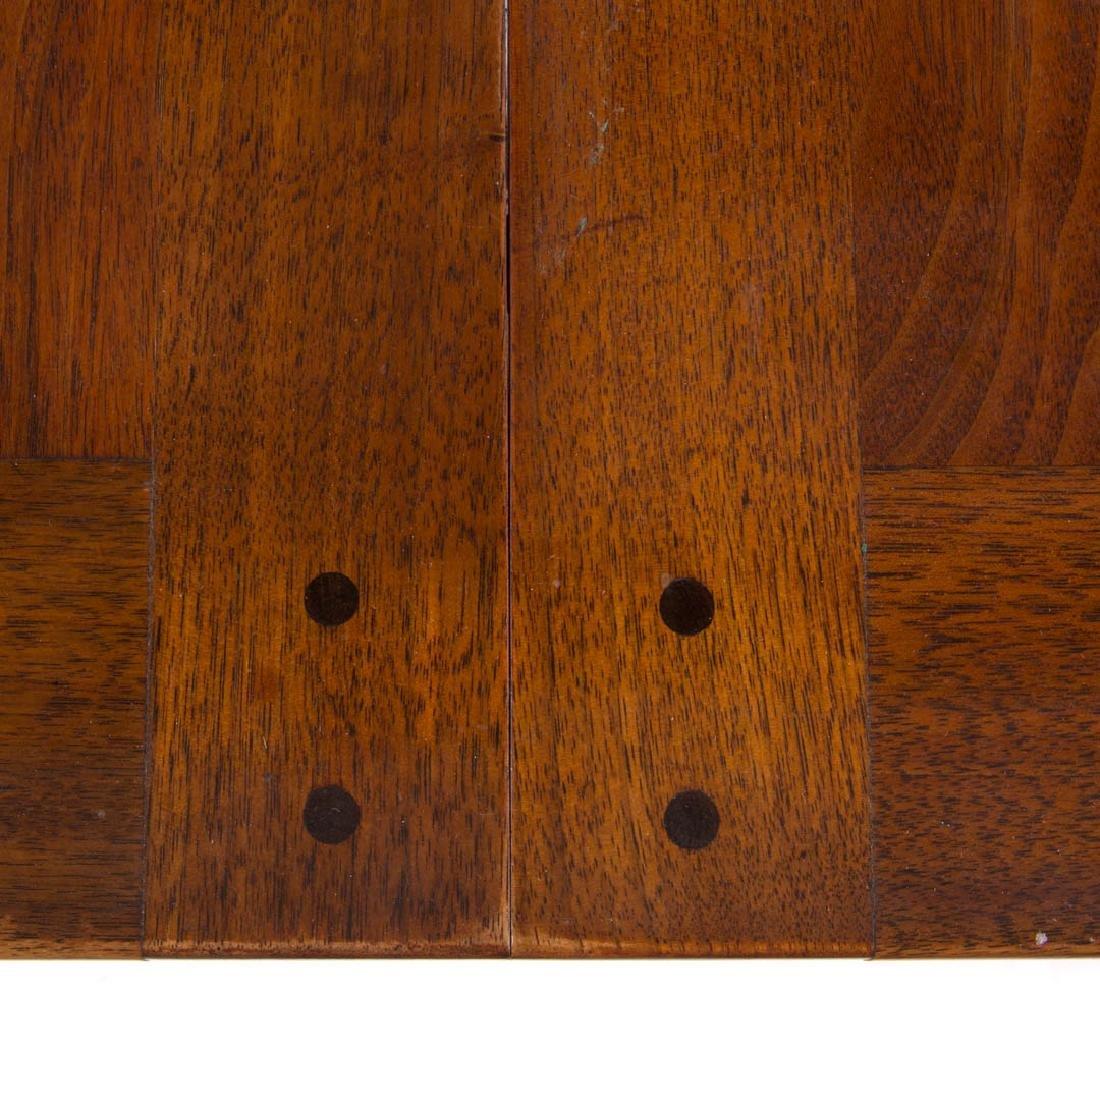 Dunbar contemporary walnut dining table - 5